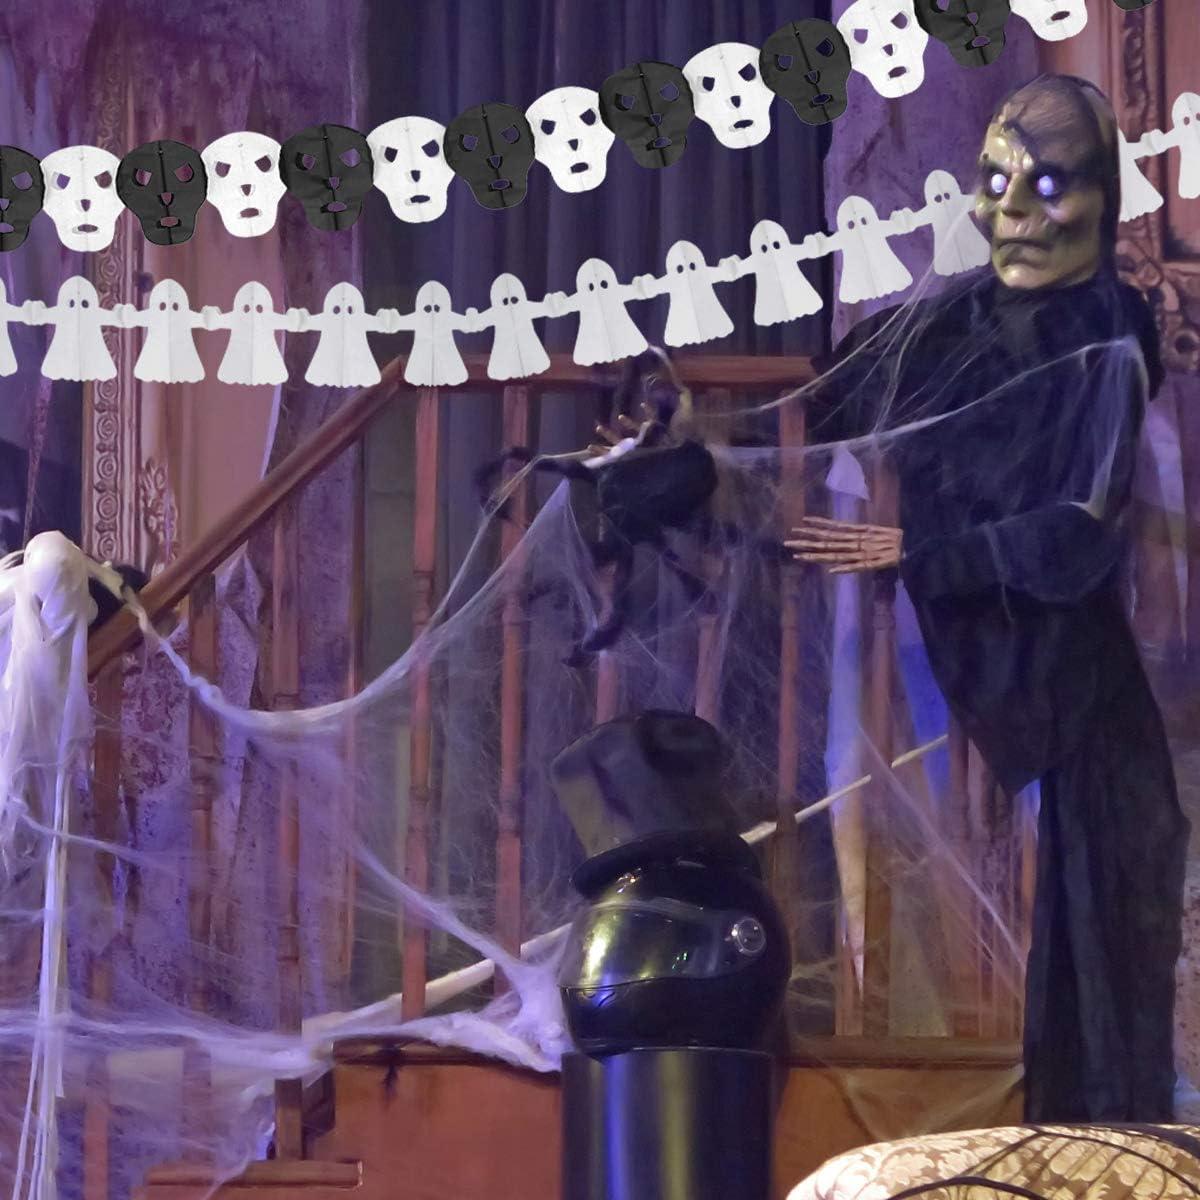 Pipistrelli Forniture per Feste di Halloween per Casa Stregata Party Decorazioni Ragni A Cranio e Fantasmi Banner Zucche Herefun 5 PCS Decorazione Halloween Banner